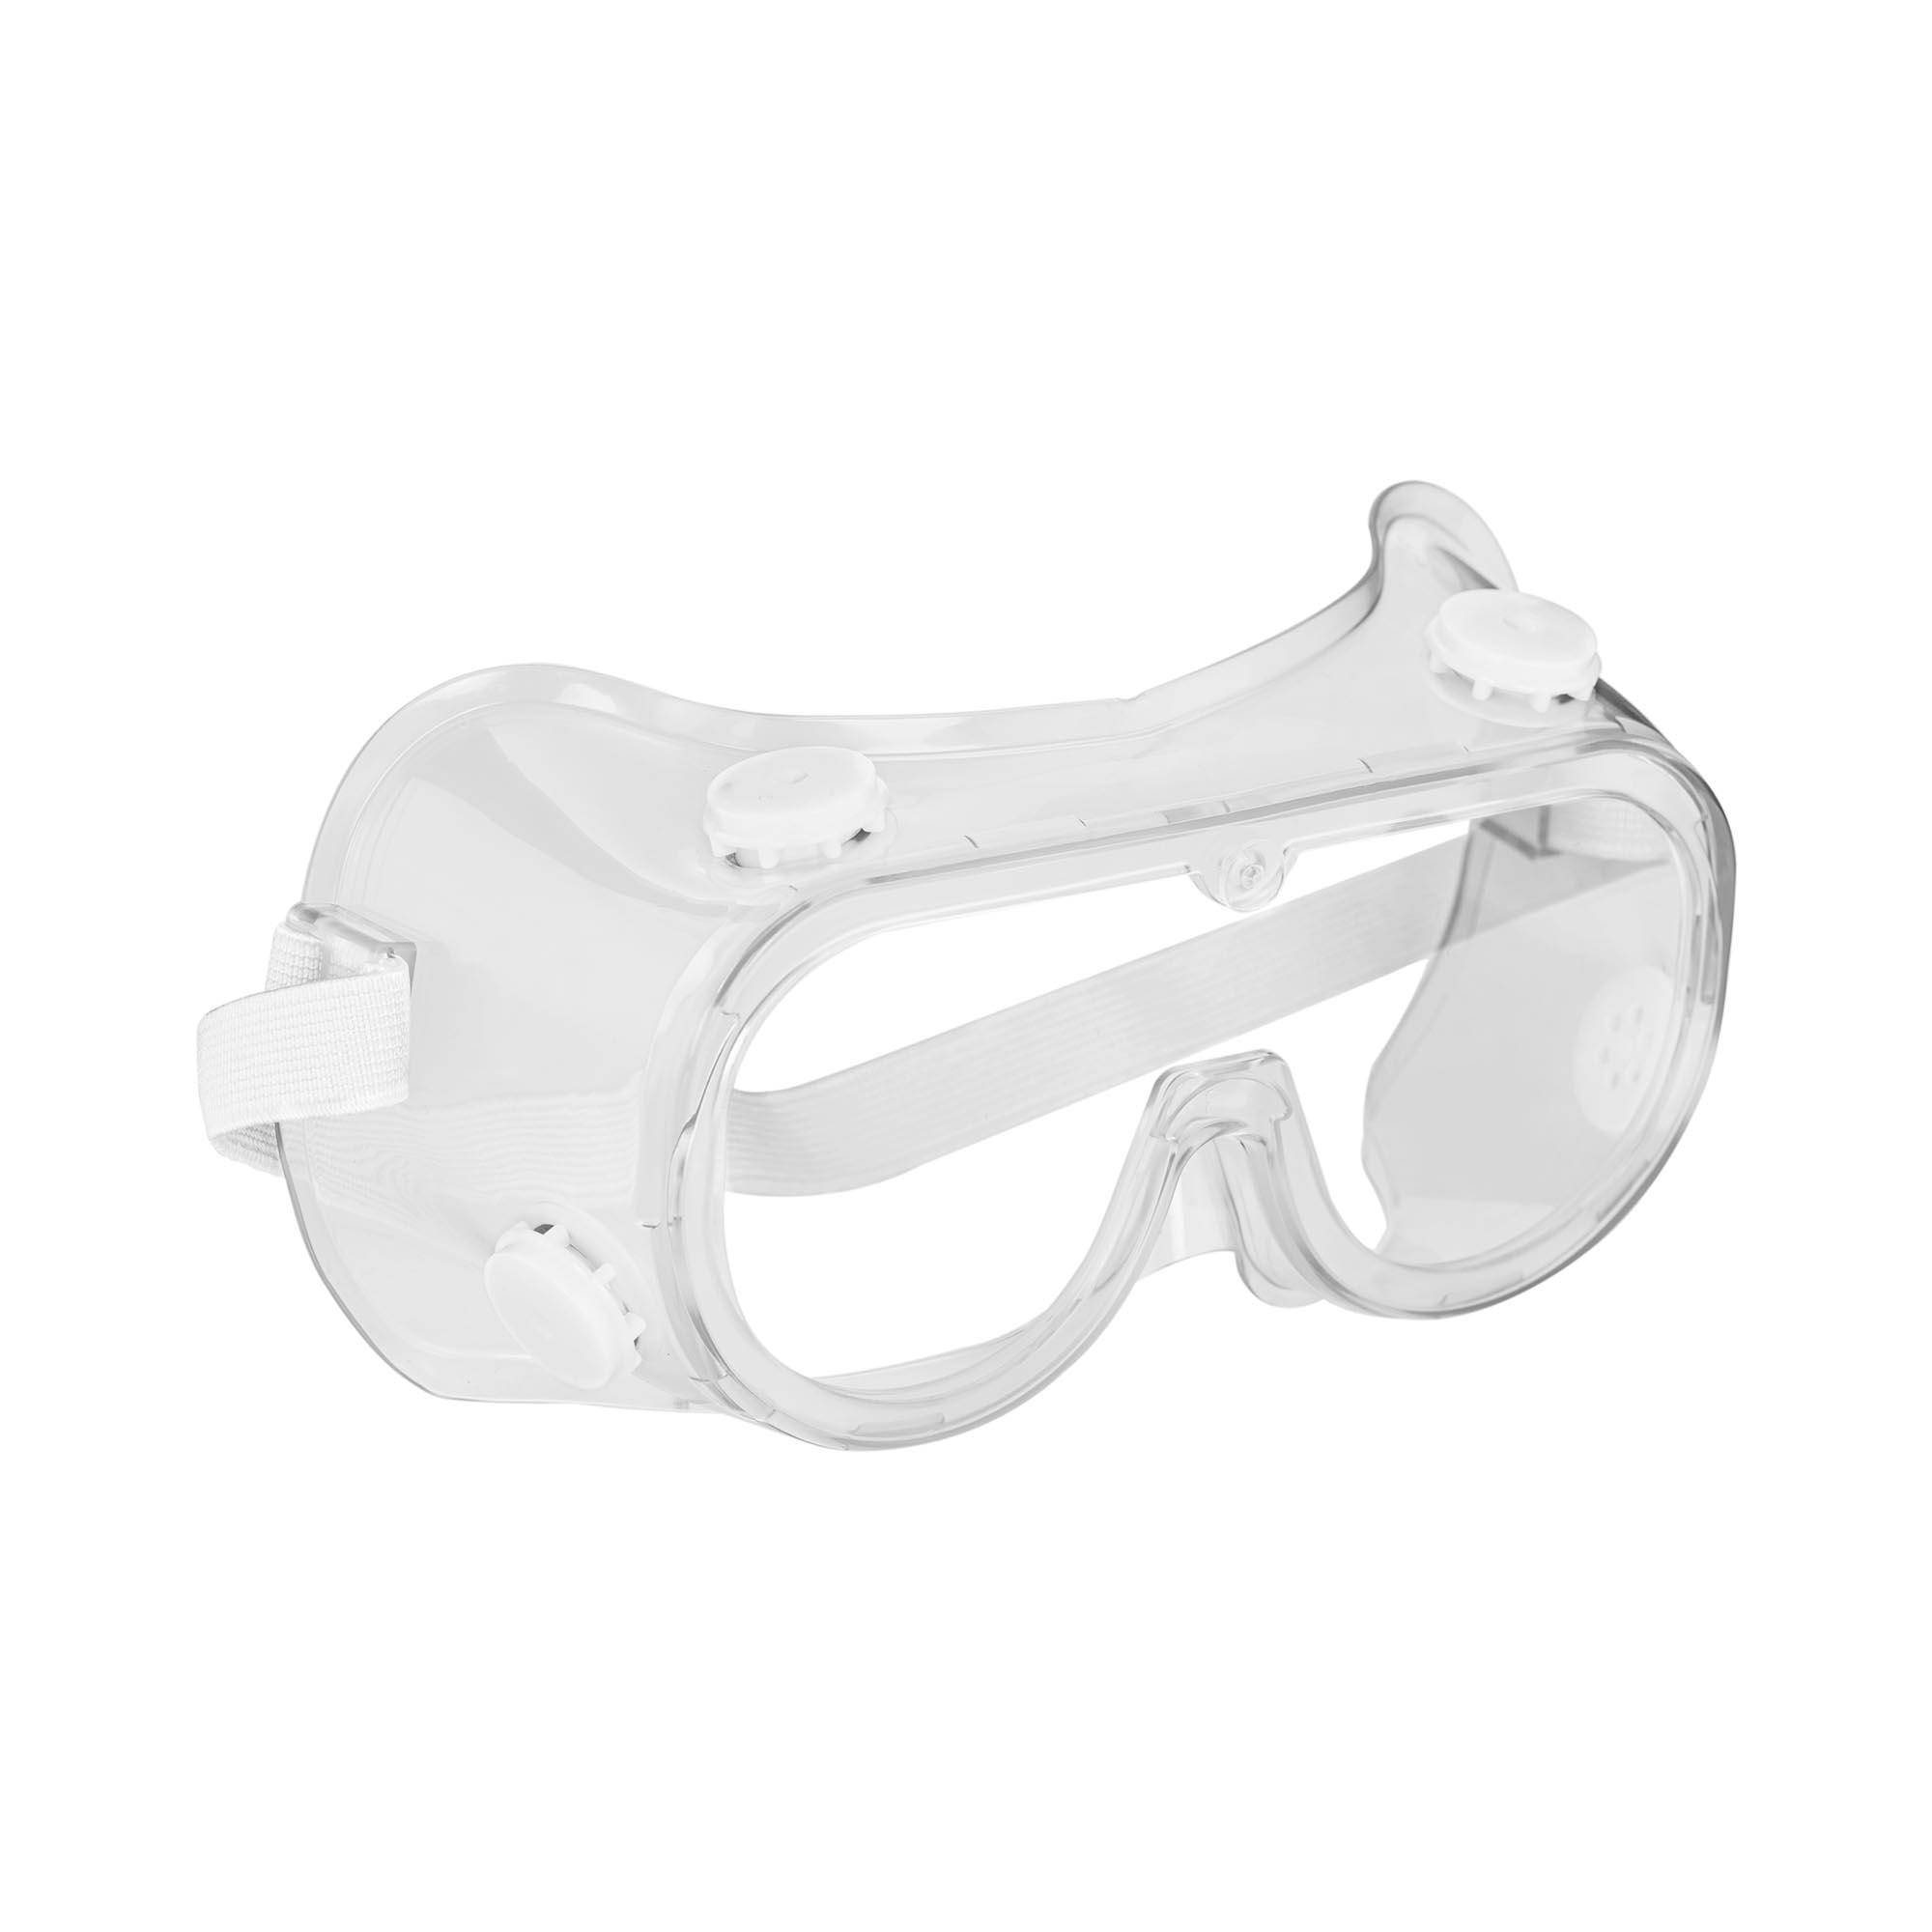 MSW Schutzbrille - 3er Set - klar - Einheitsgröße ORCL-MG-01